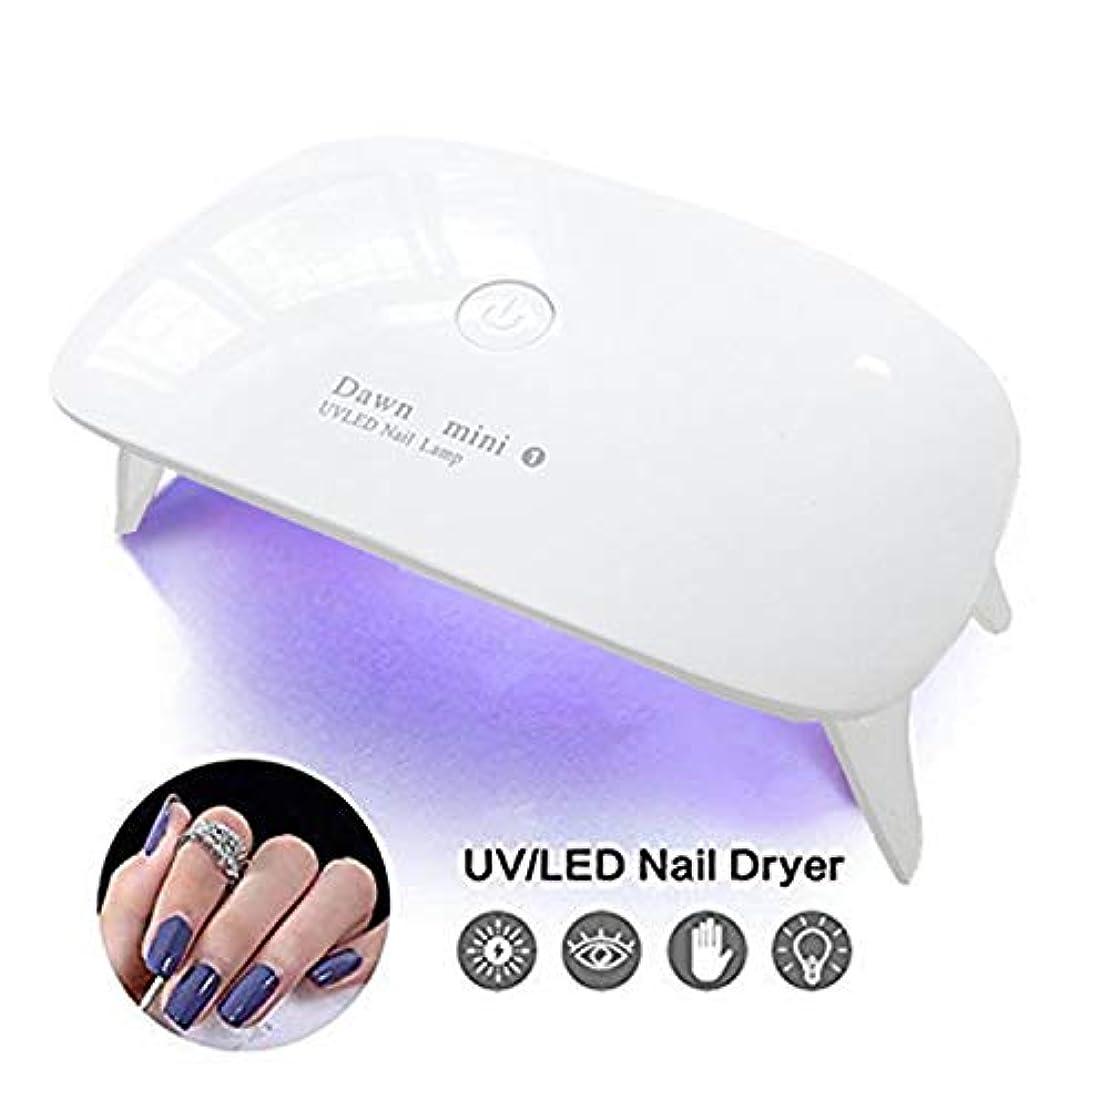 深遠友だち保証金UVライト LEDネイルドライヤー ジェルネイルLEDライト 硬化ライト タイマー設定可能 折りたたみ式手足とも使える UV と LEDダブルライト ジェルネイル用 ホワイト 日本語説明書付き